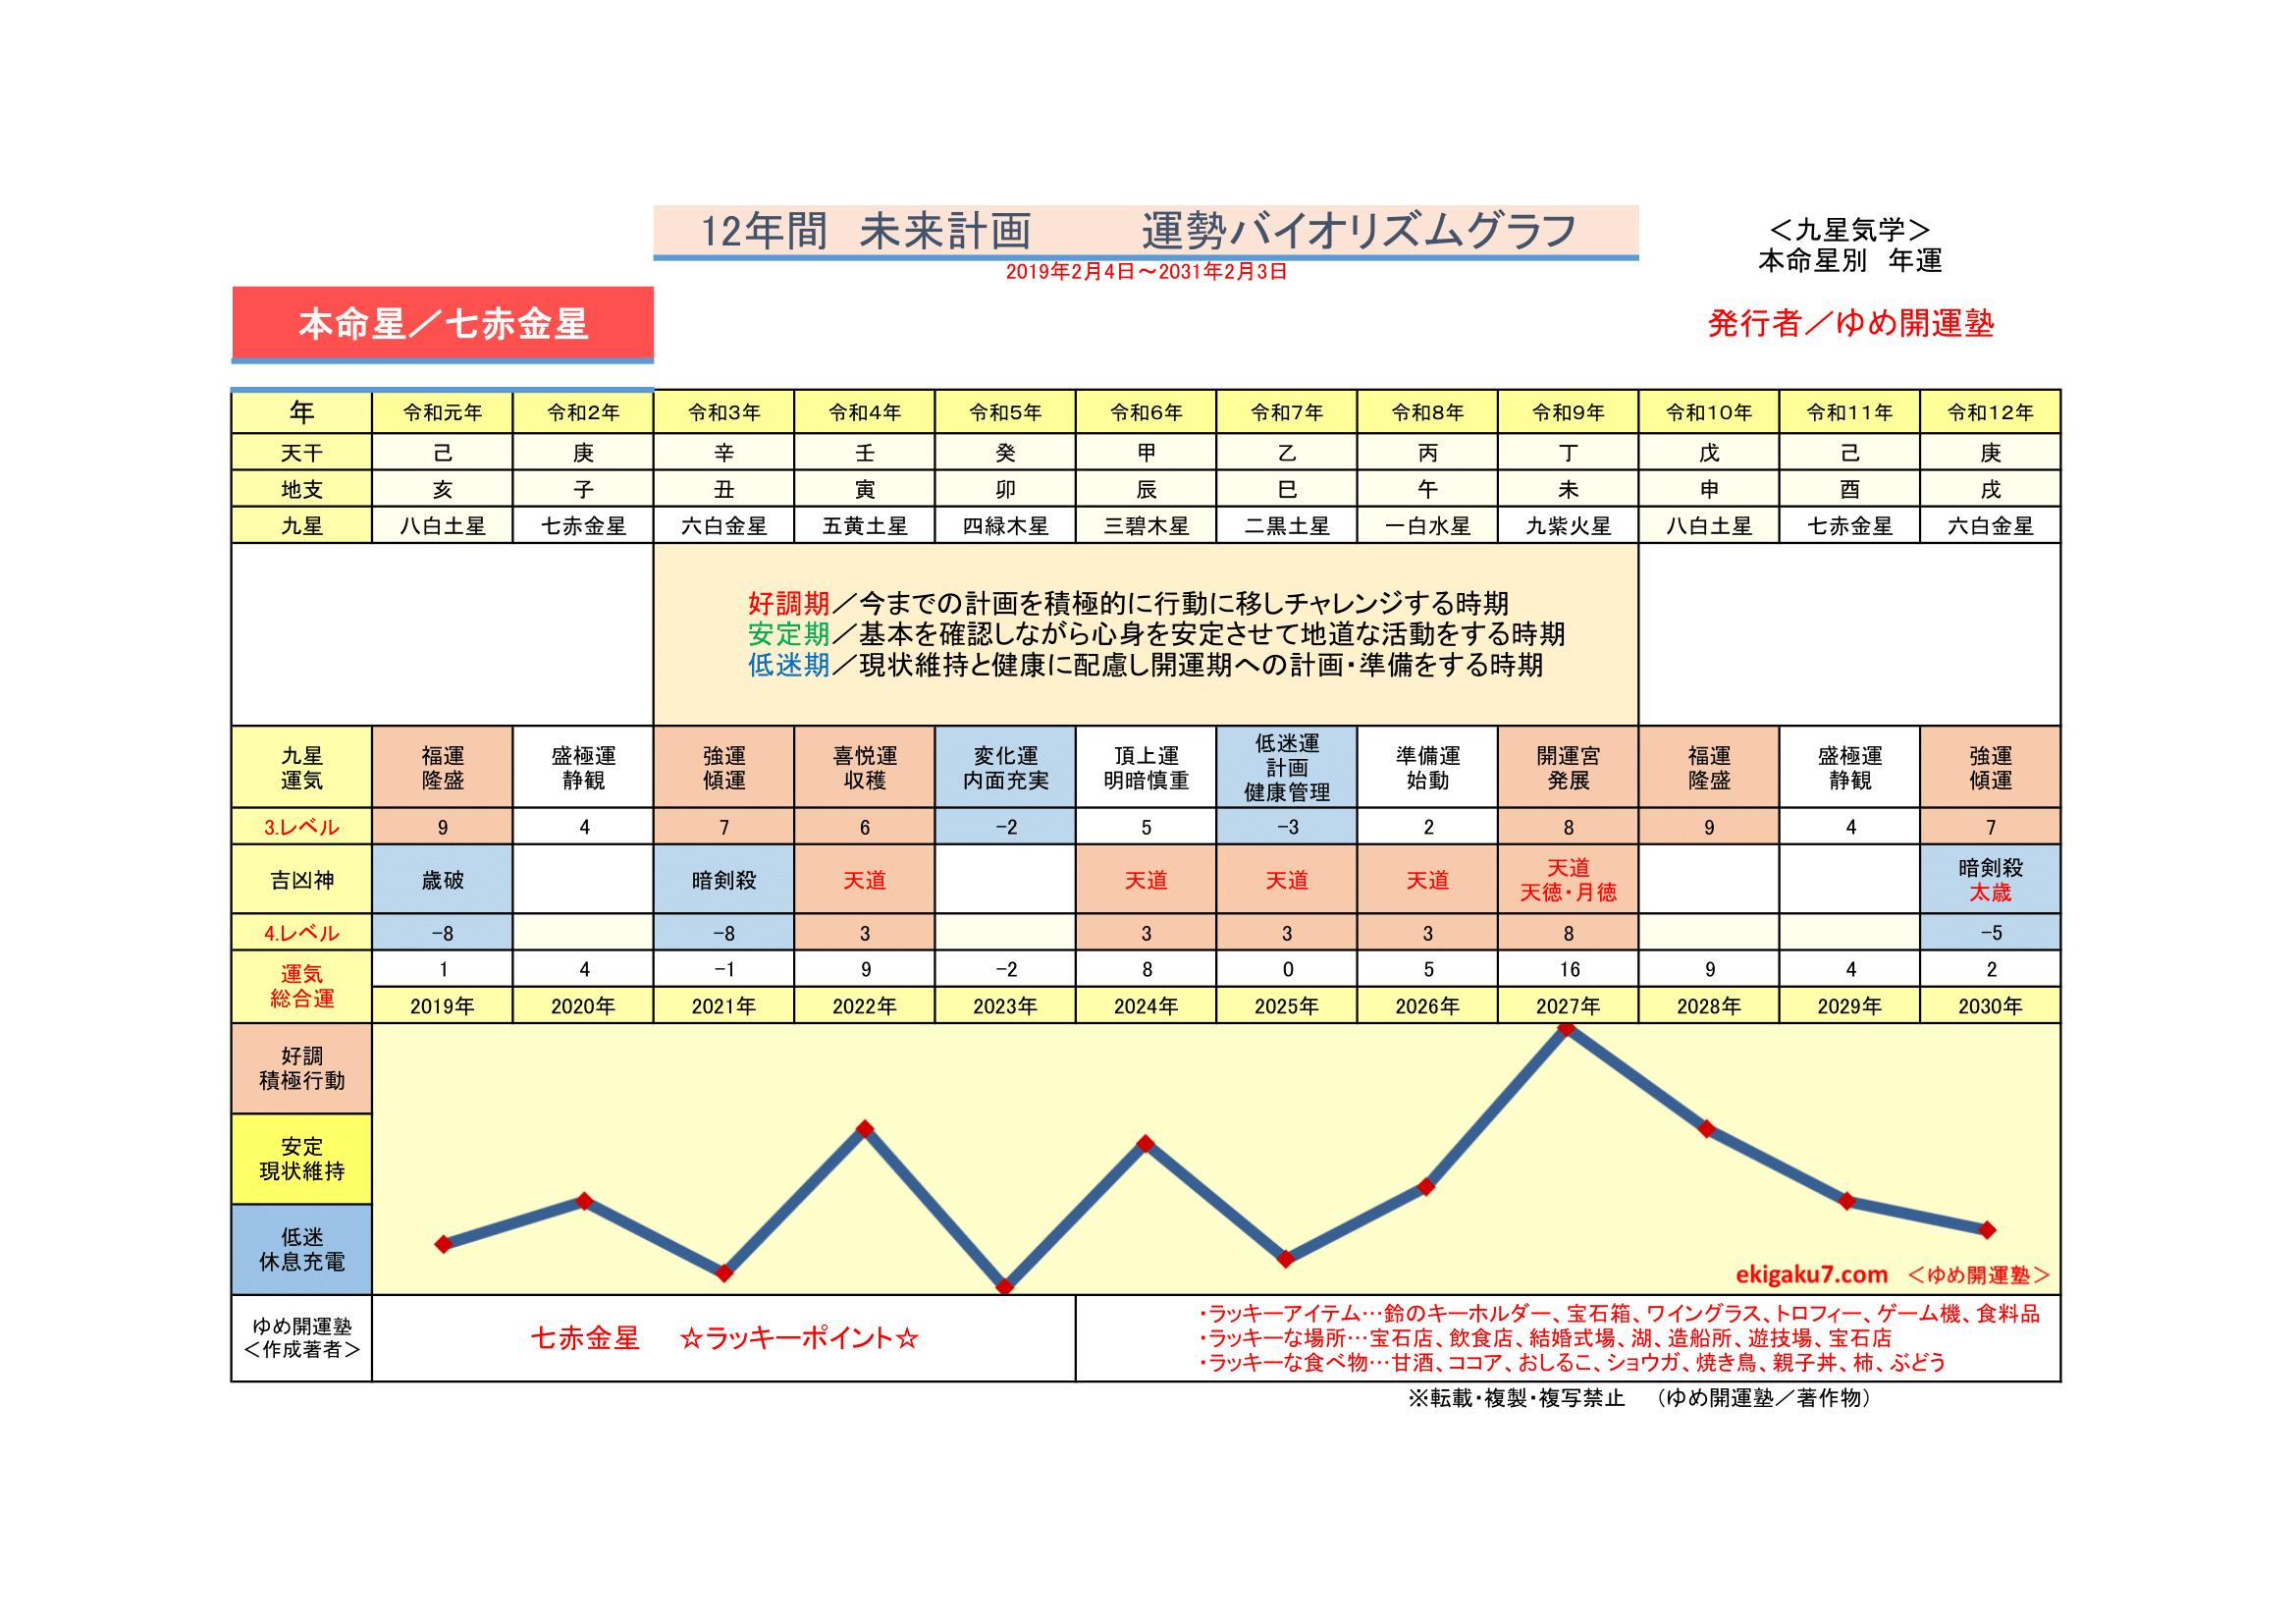 7 七赤金星 運勢開運グラフ 運勢開運バイオリズムグラフ 新開運